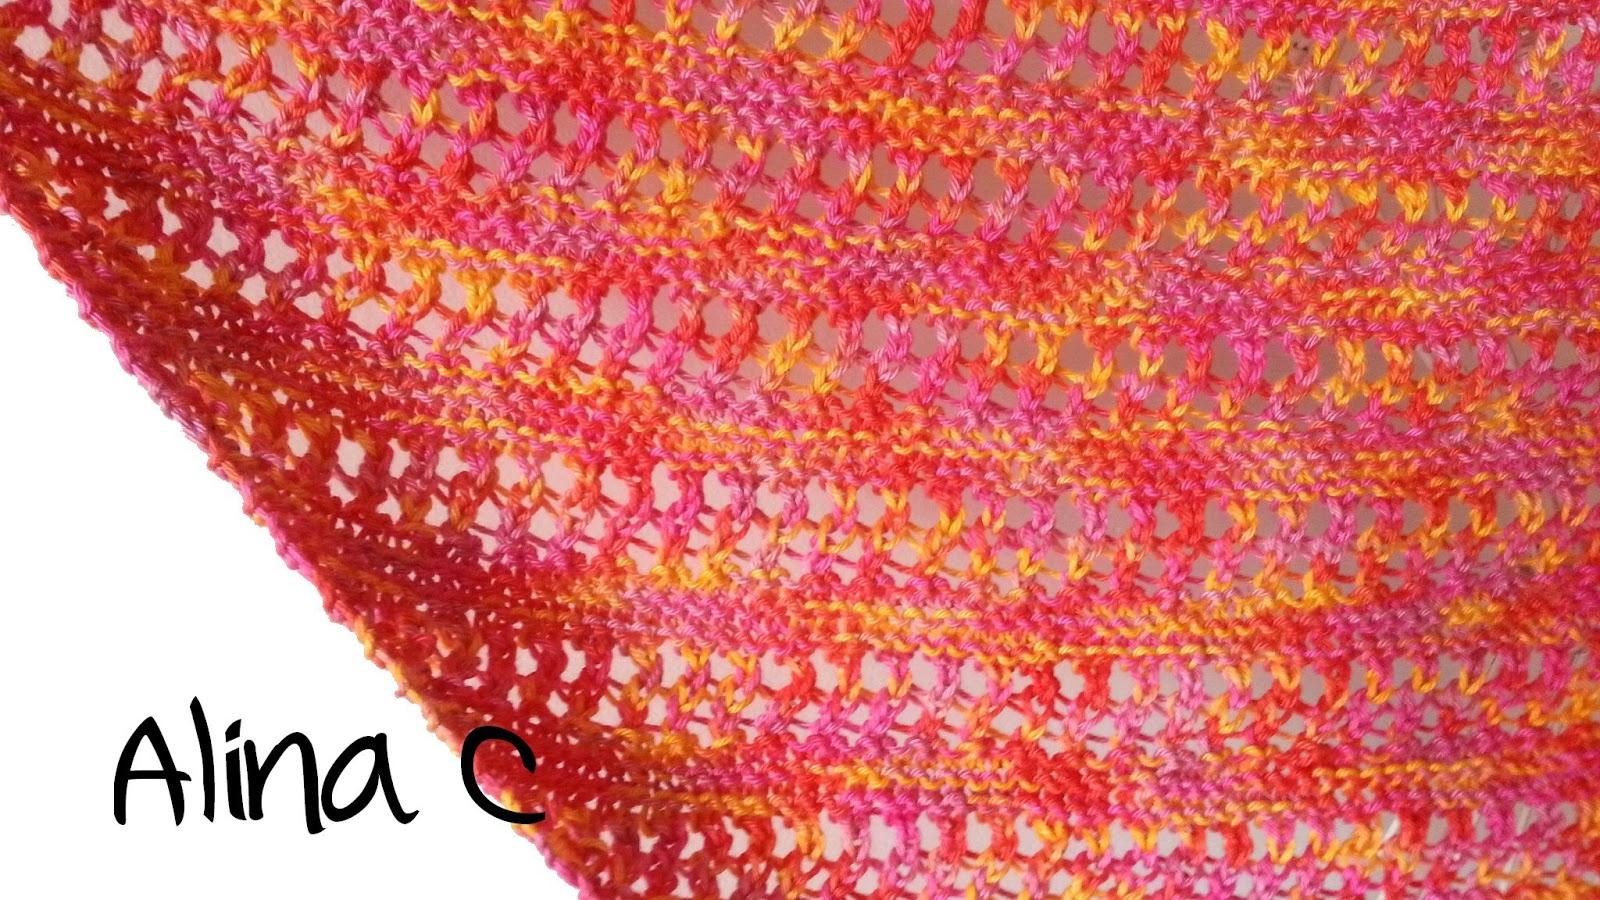 come ottenere funzionario di vendita caldo diversificato nella confezione lo spazio di lilla: lilla's tutorials: scialle ai ferri SOLE ...